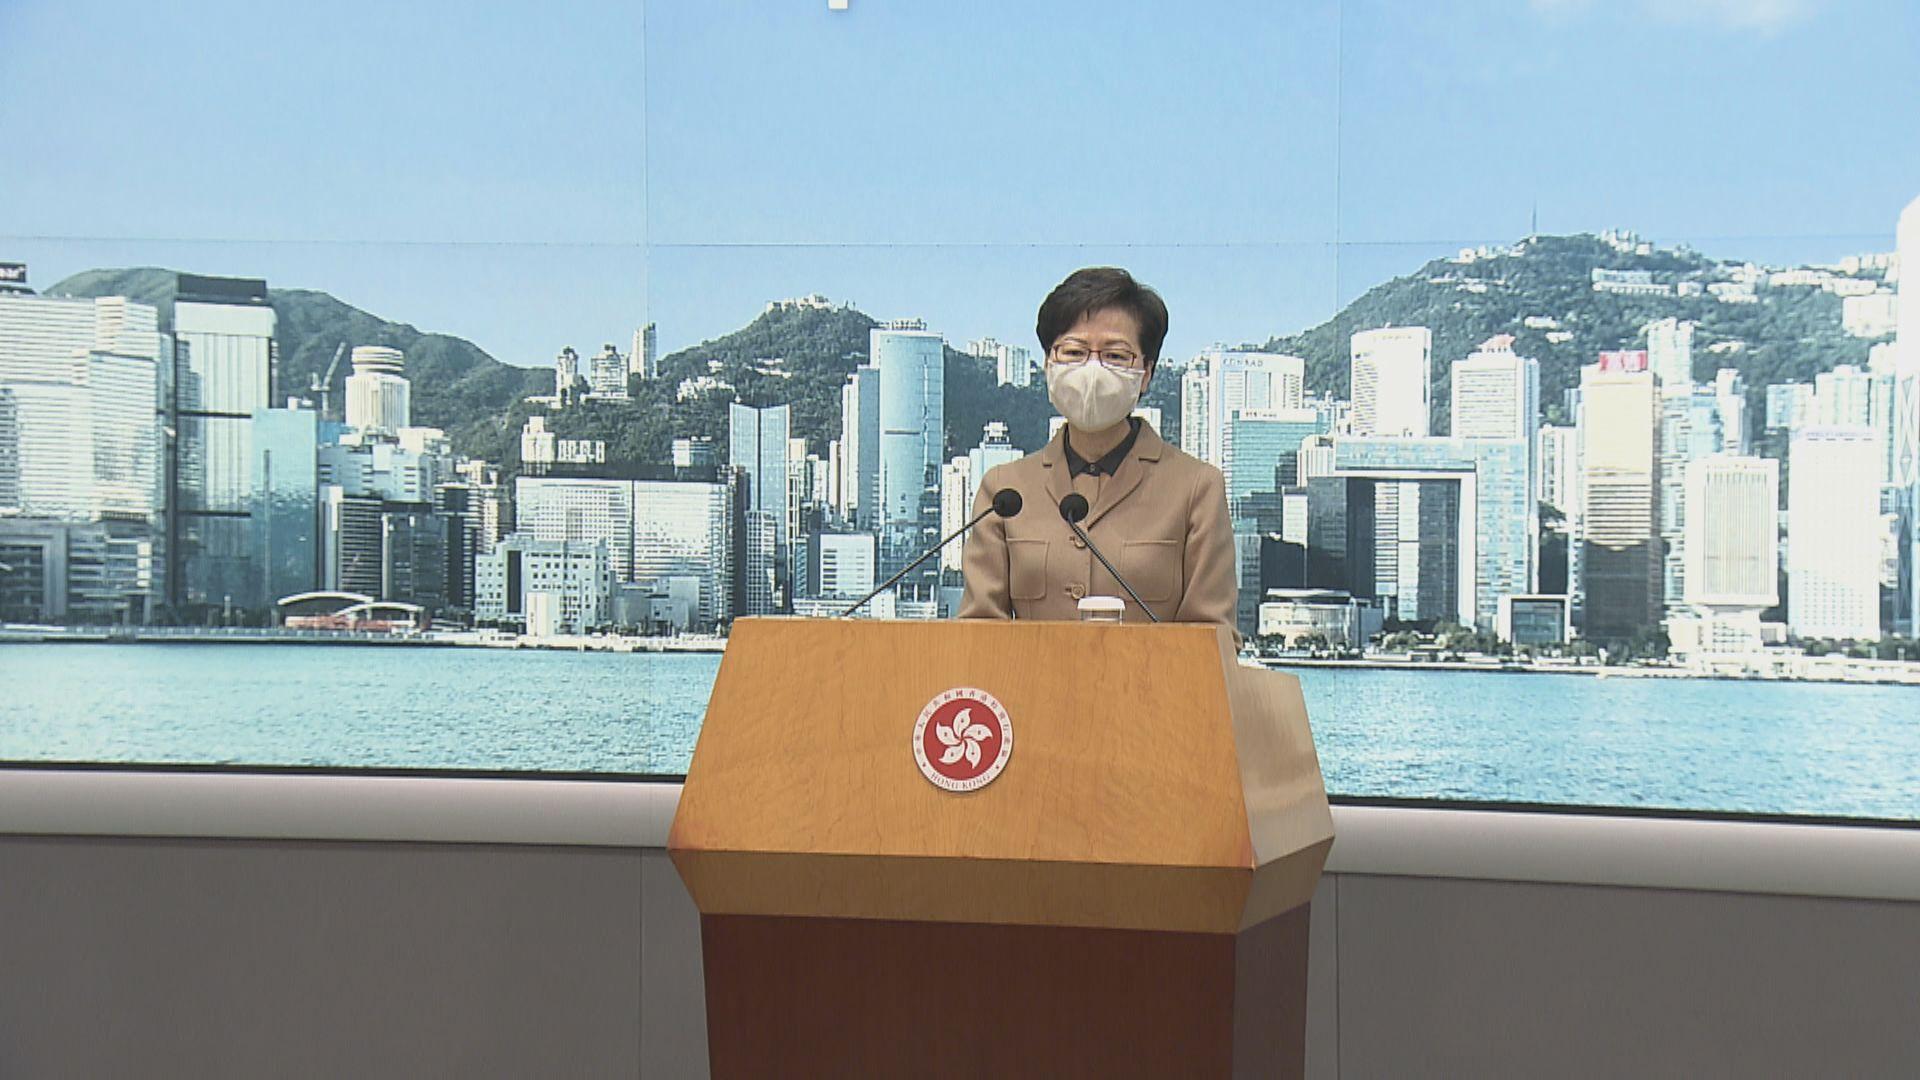 林鄭:聖誕前再推抗疫基金 針對幫助嚴重受影響行業